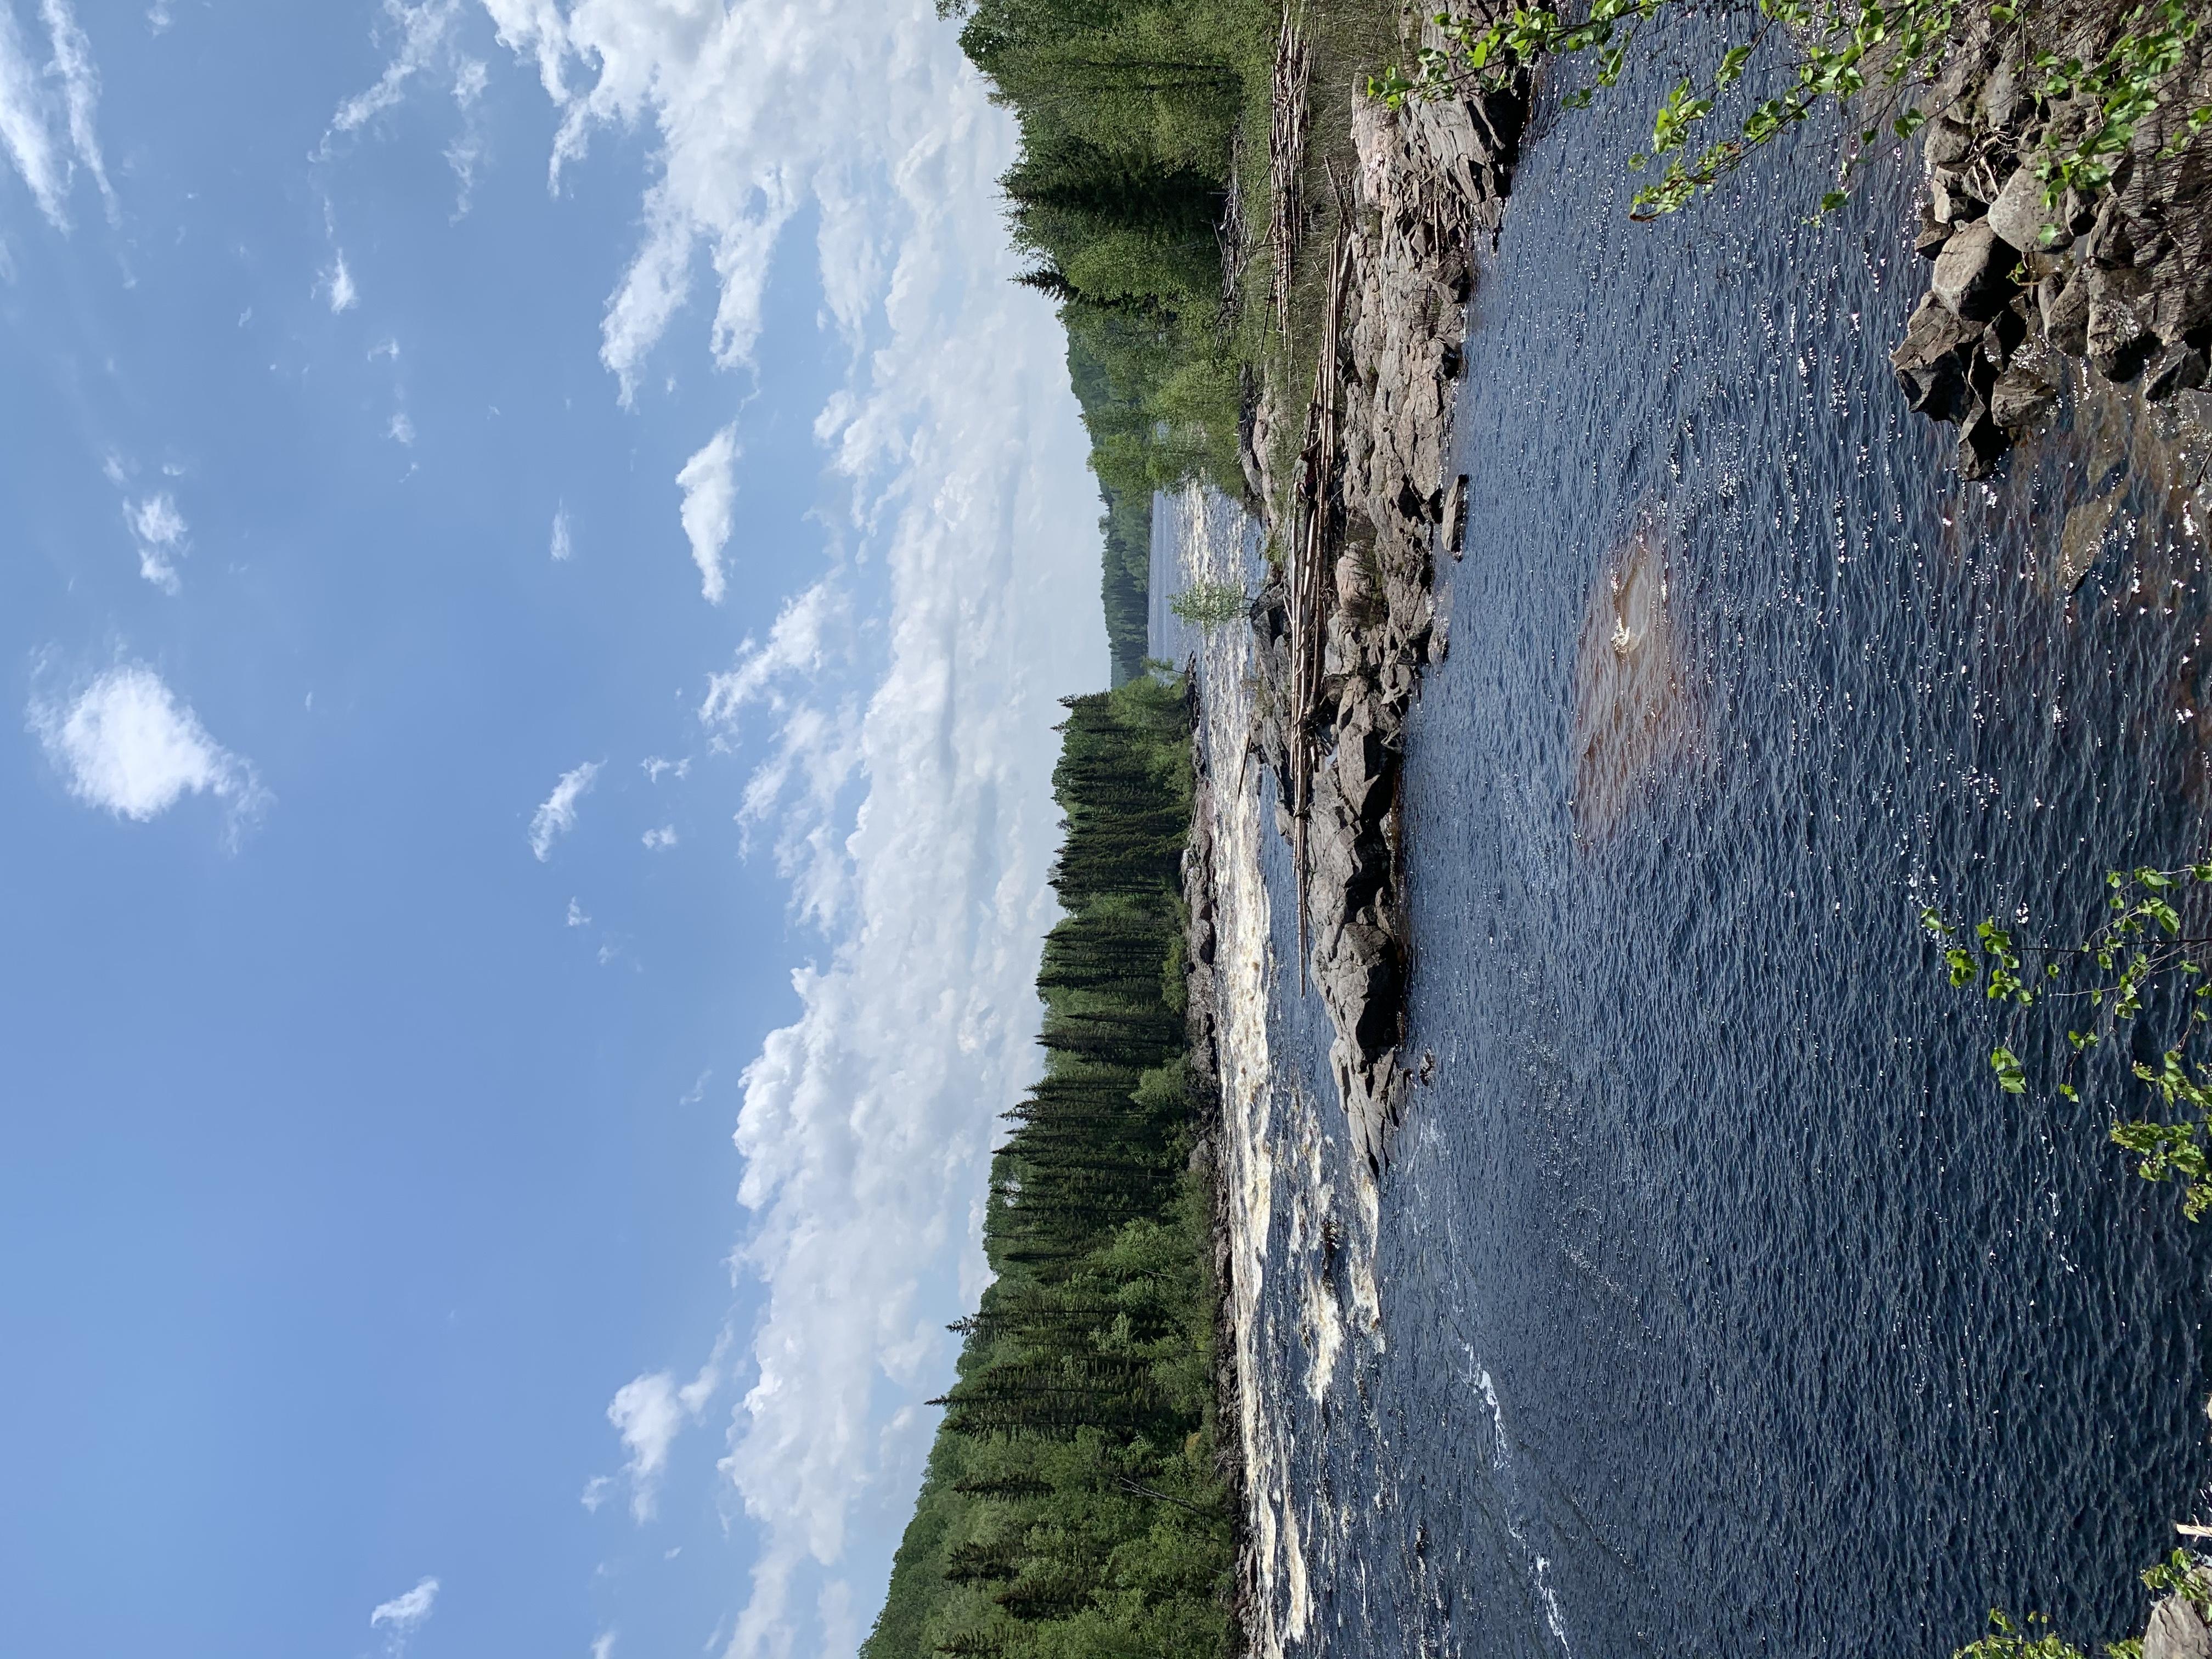 Lac Saint-Jean